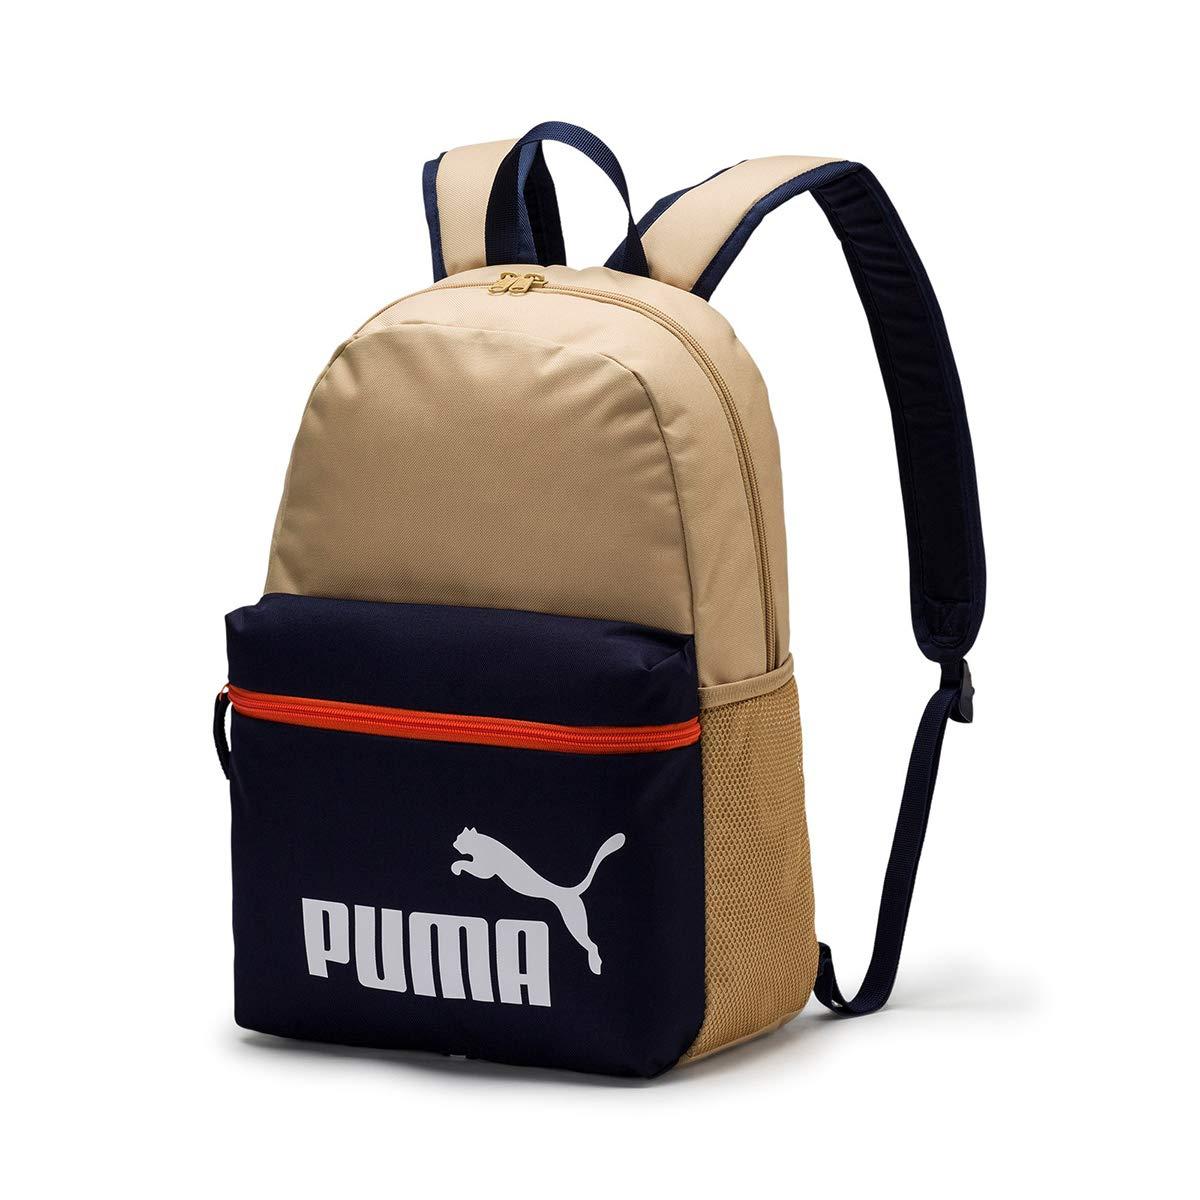 Puma Phase Backpack Mochila, Unisex Adulto